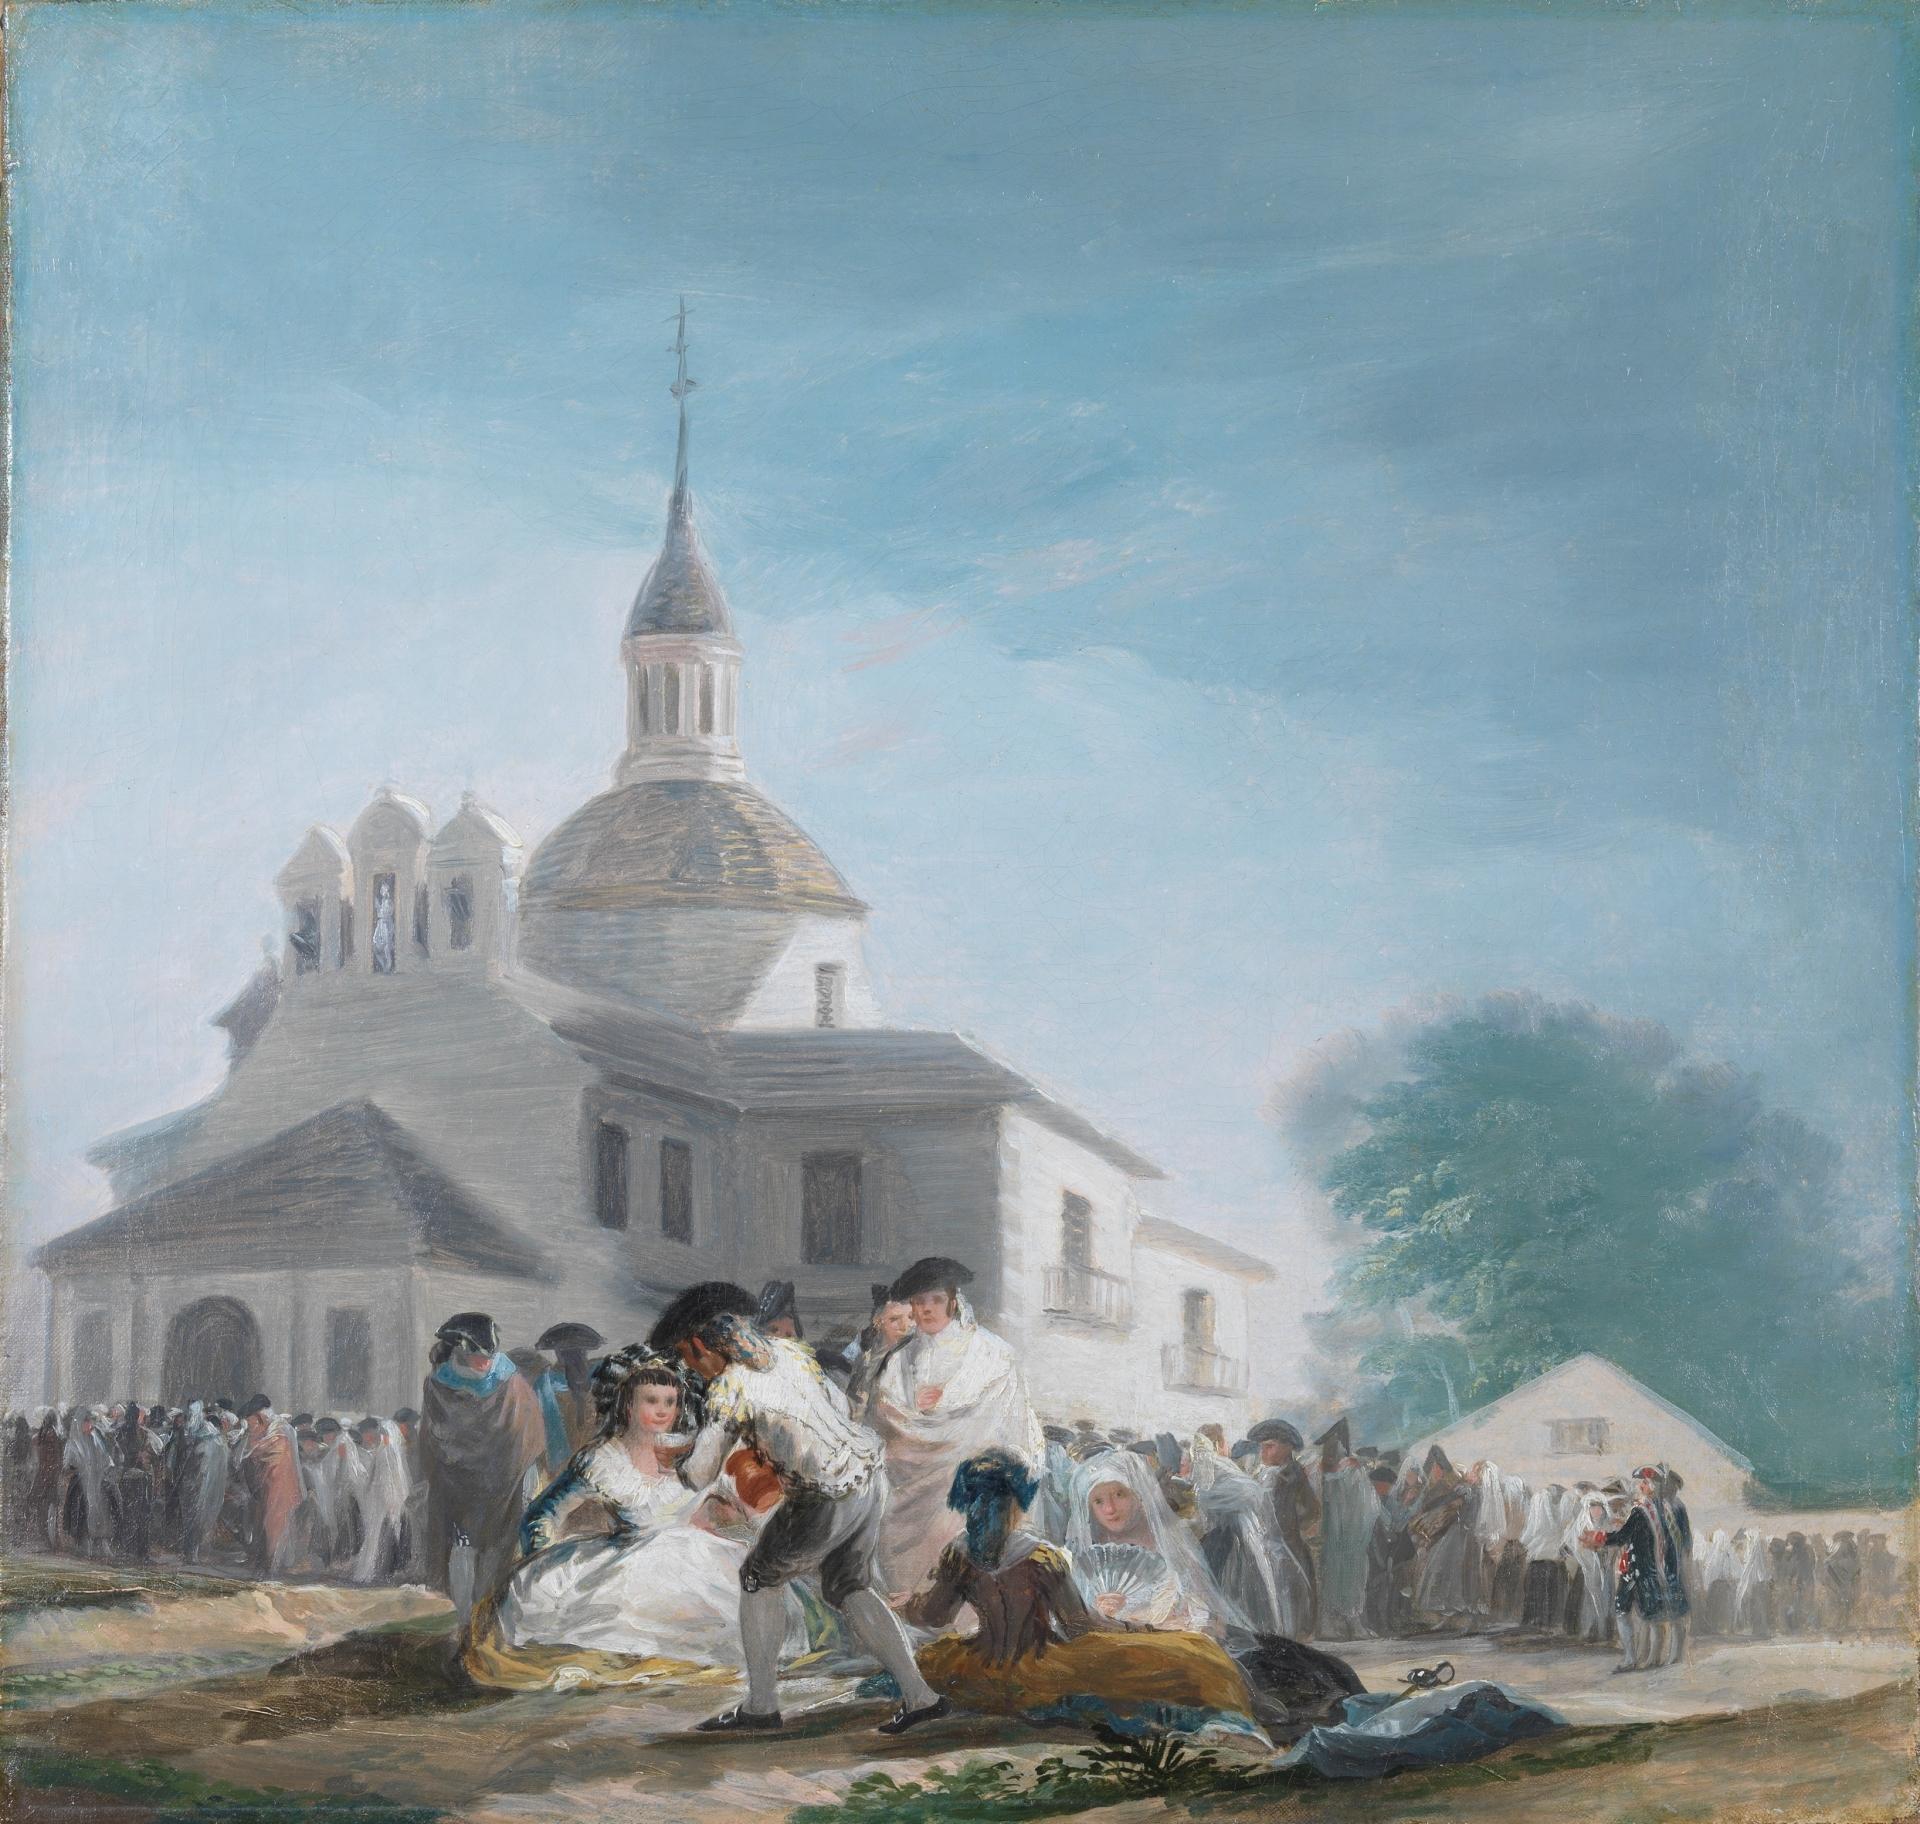 Depiction of Carabanchel y las artes